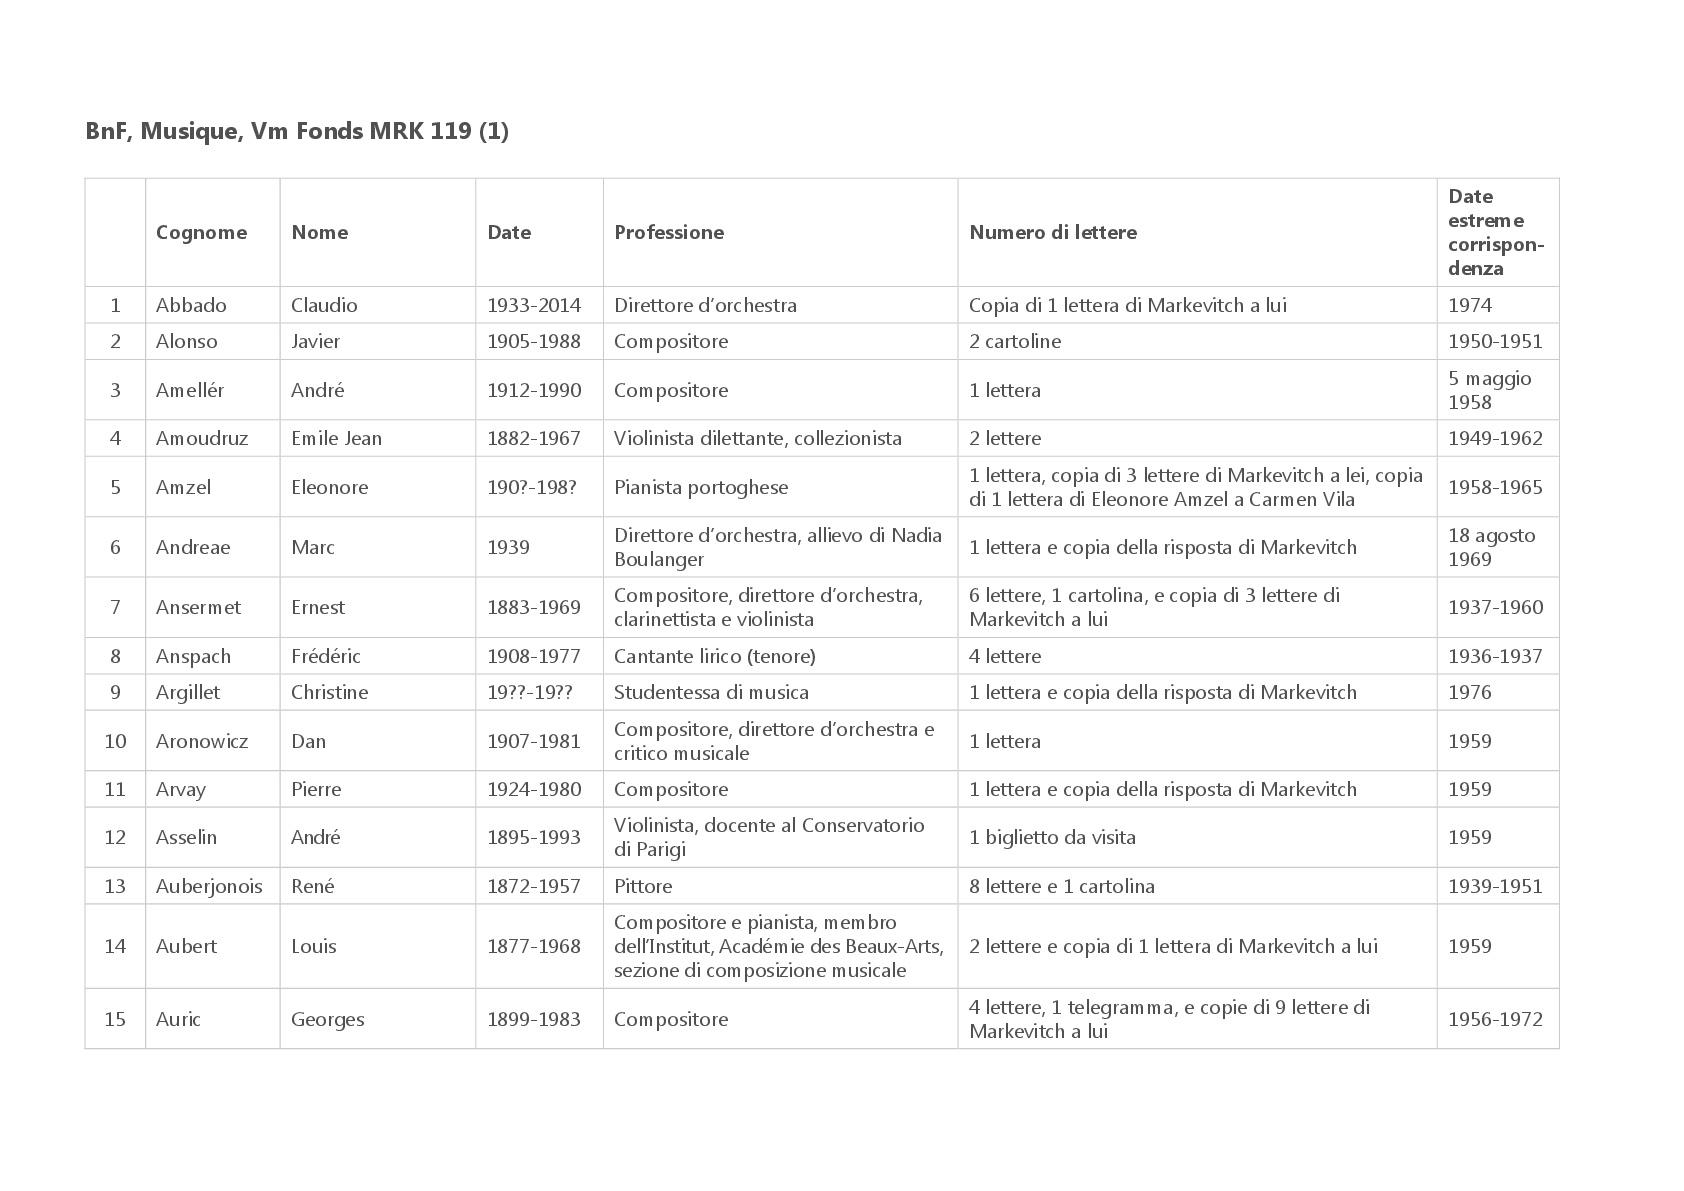 BnF,-Musique,-Vm-Fonds-MRK-119-(1)